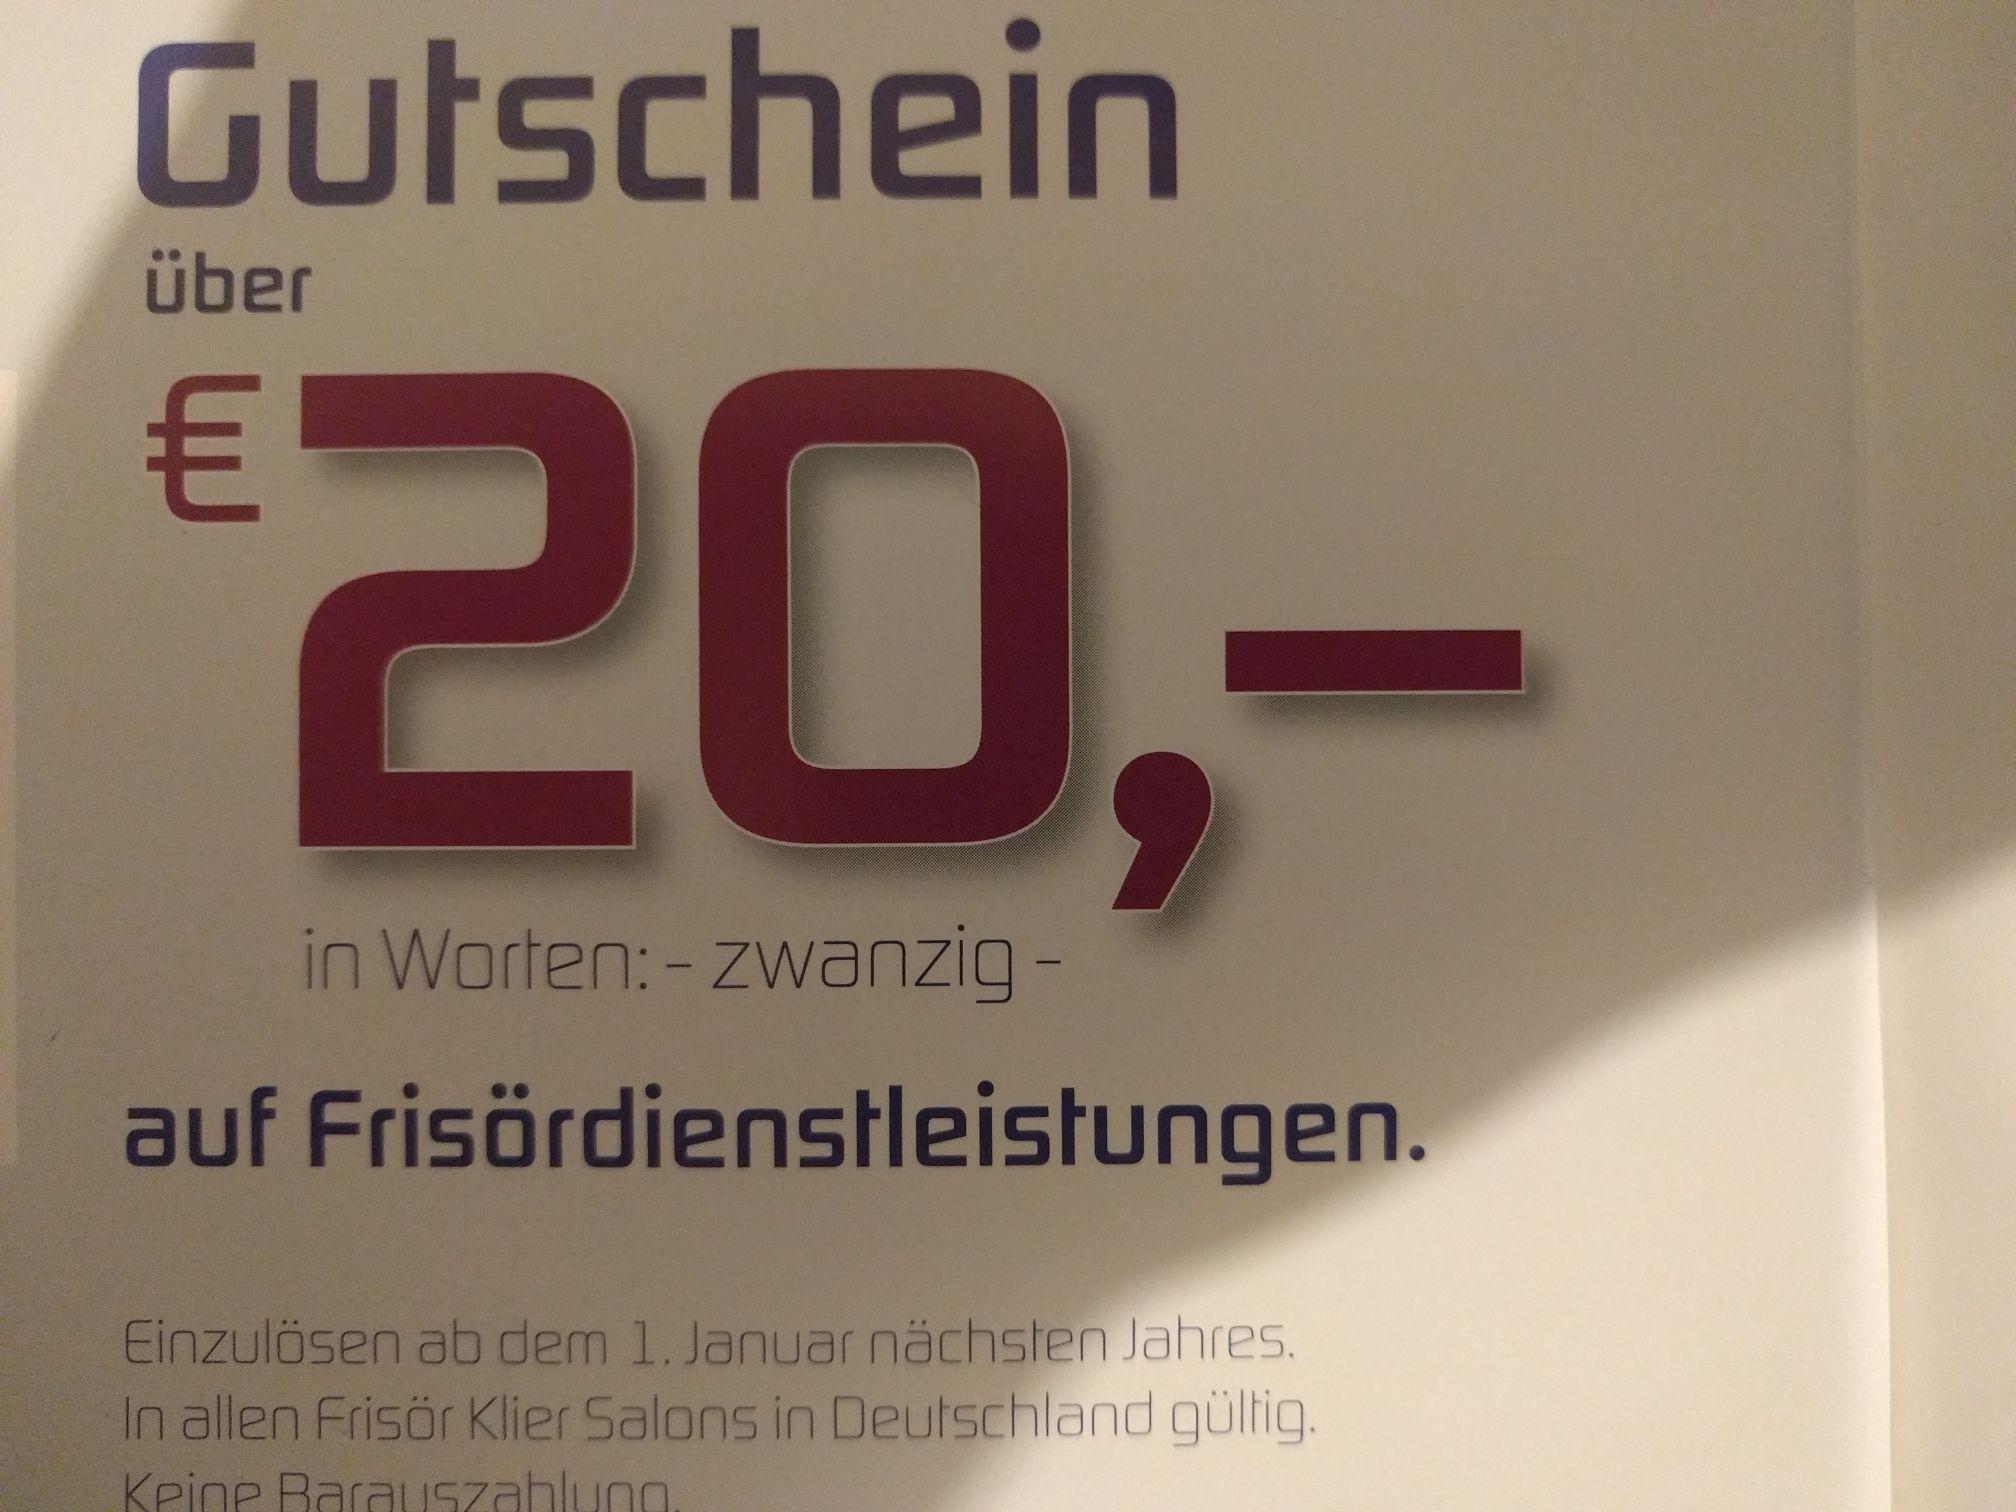 Klier Frisör Gutschein, 20€ für 15€